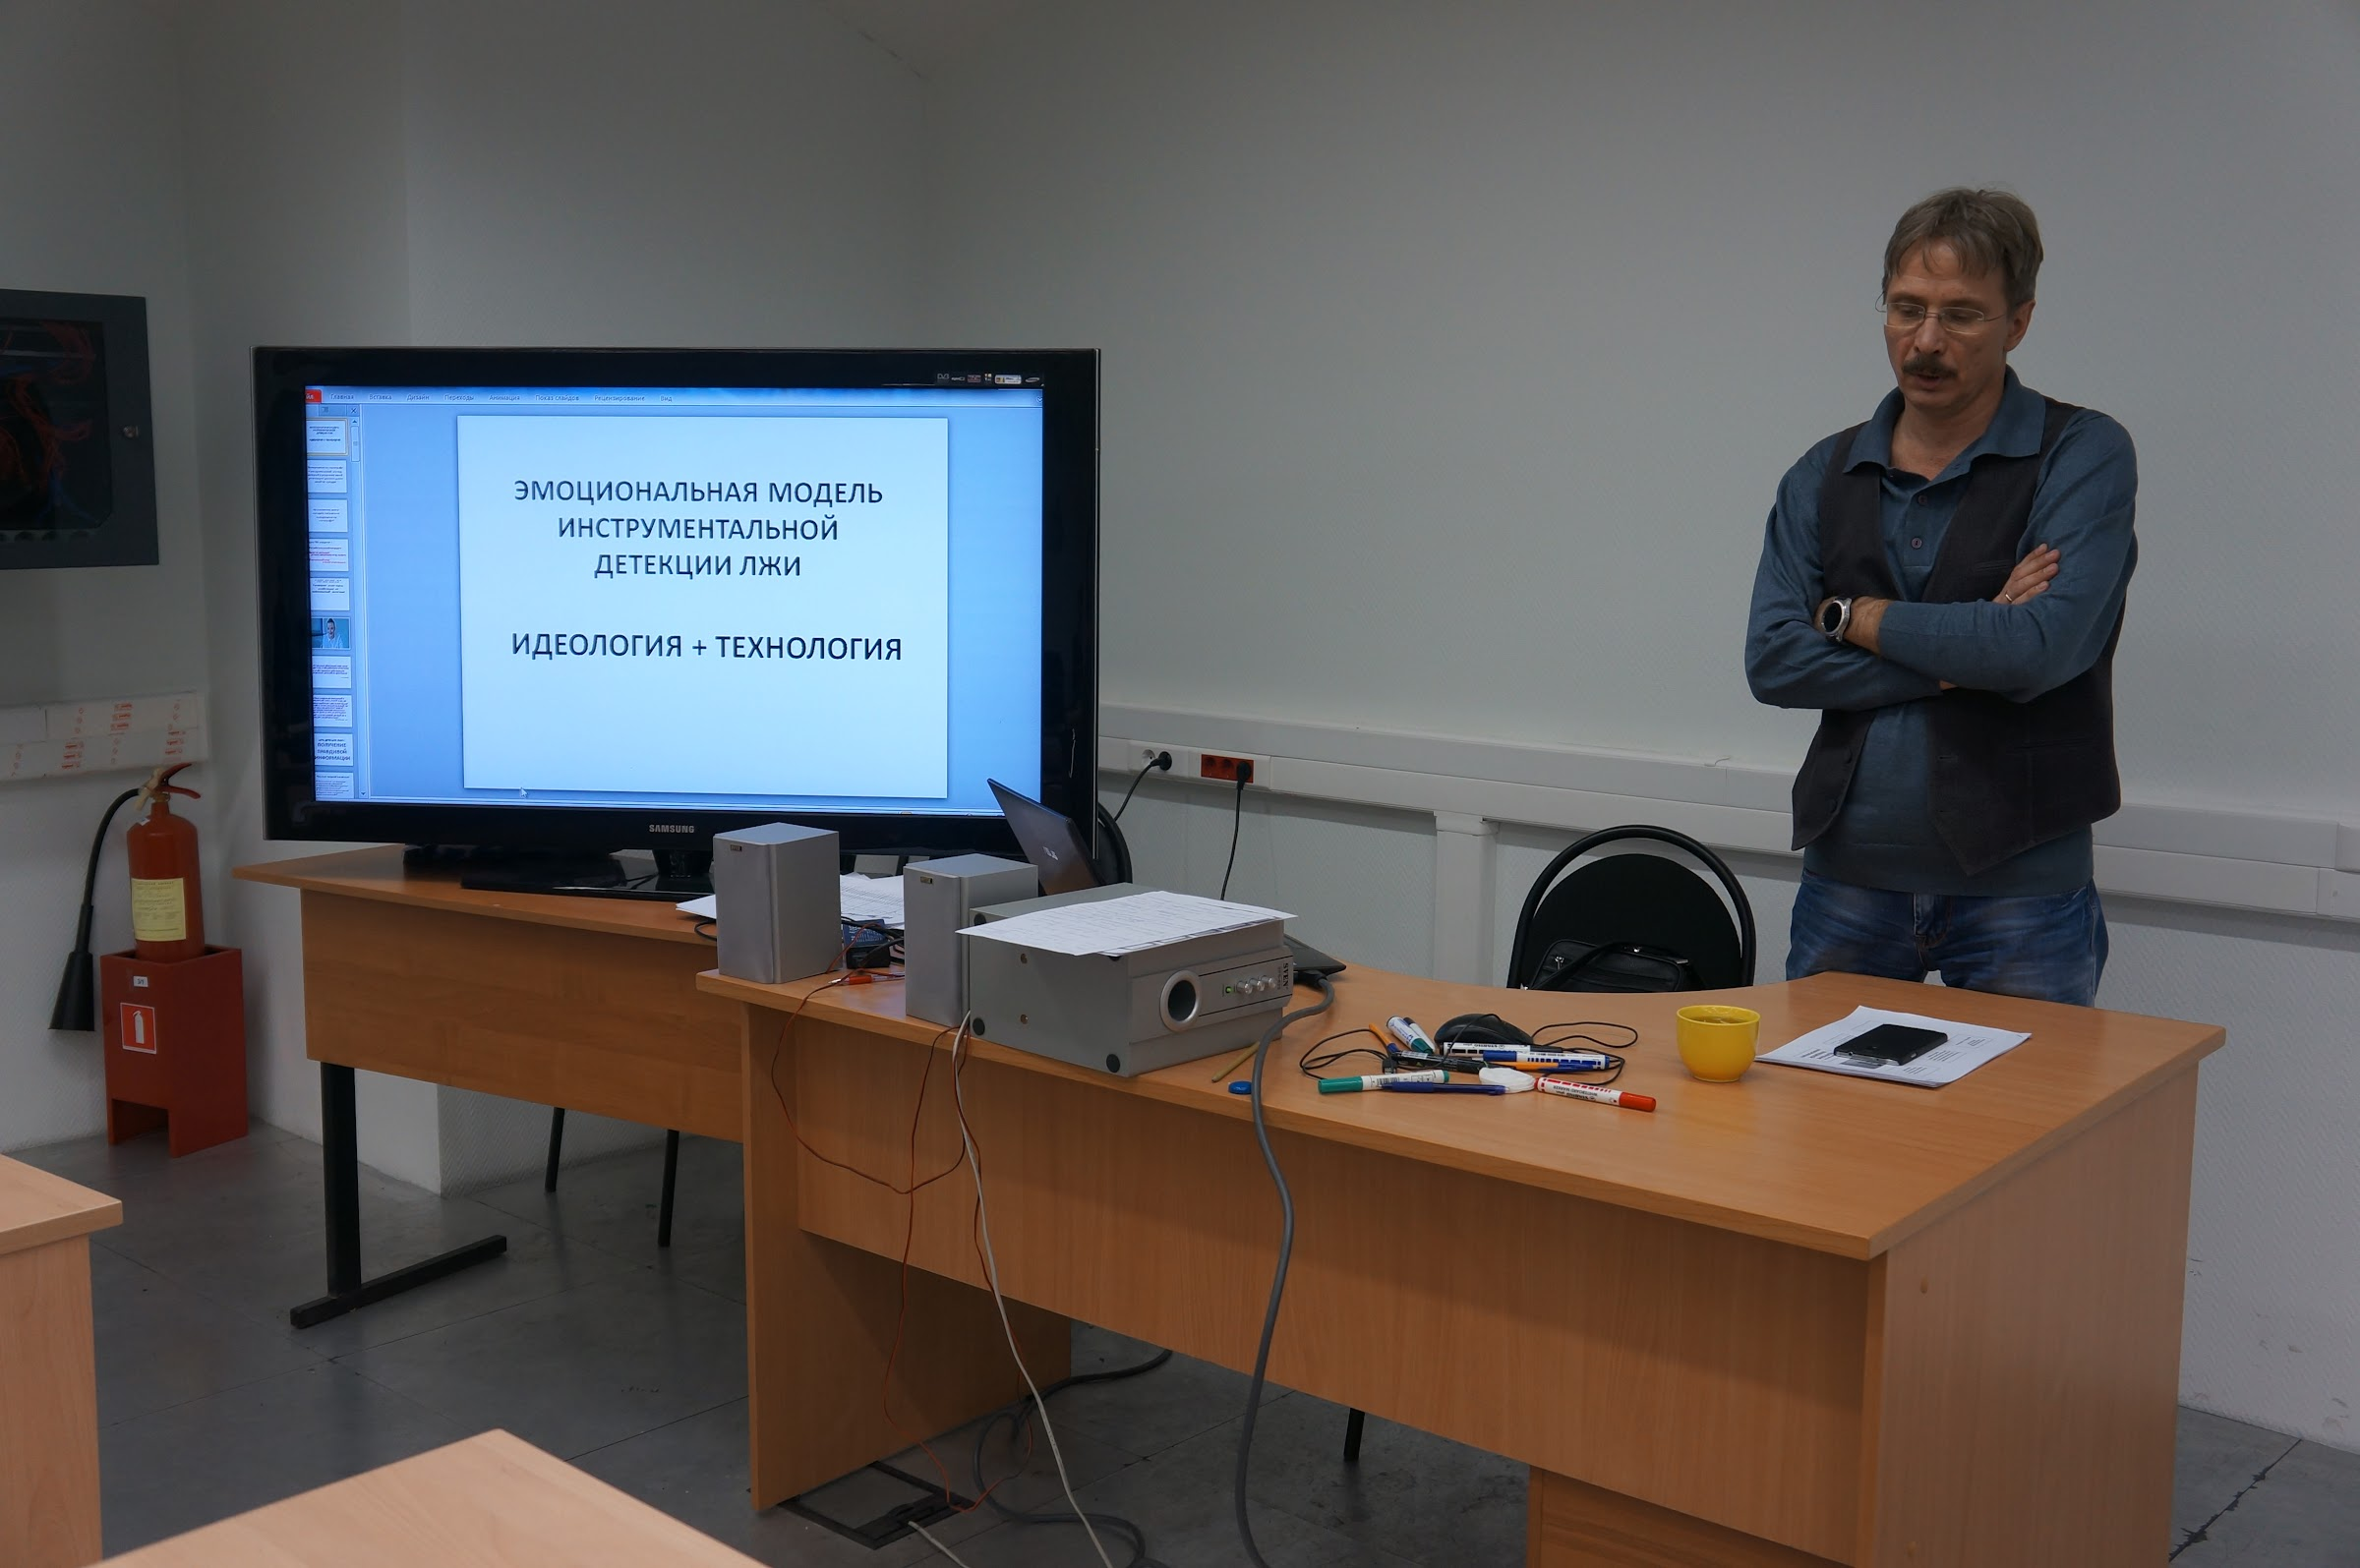 Программы дополнительного образования на психфаке МГУ